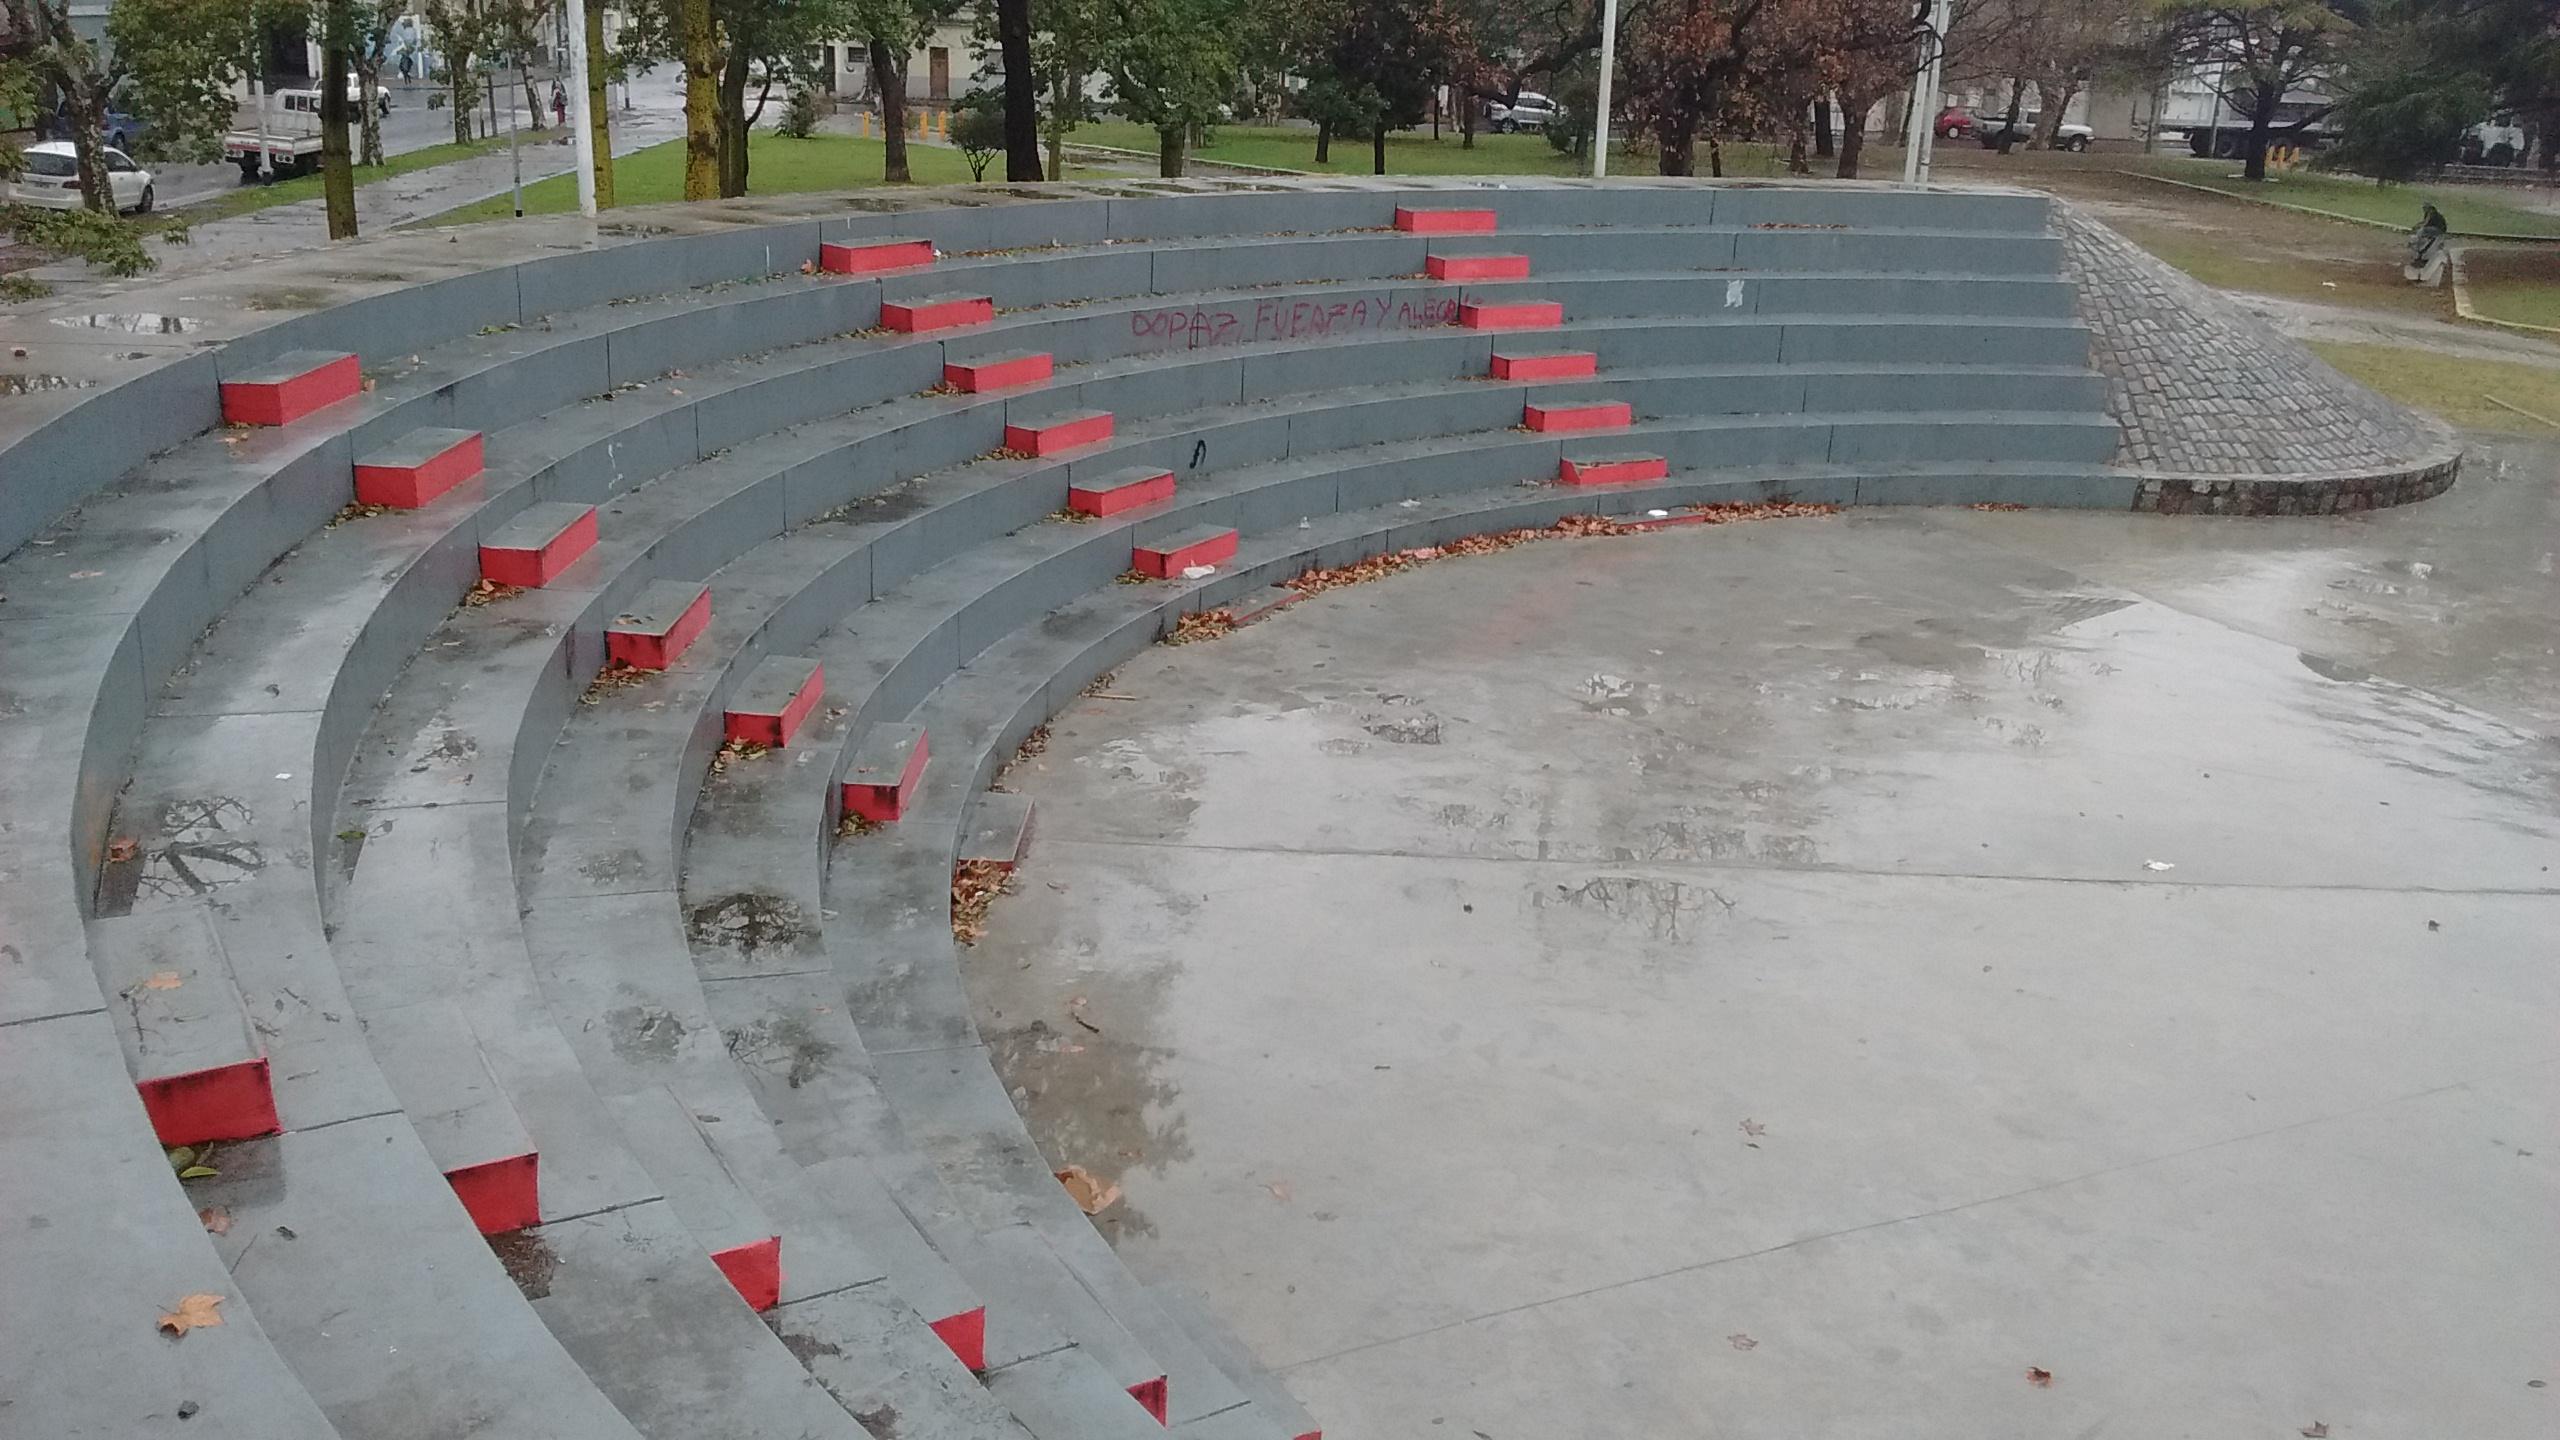 Anfiteatro de la plaza Gral San Martín 2 - Festival que realiza el Centro Cultural Nueva Esperanza